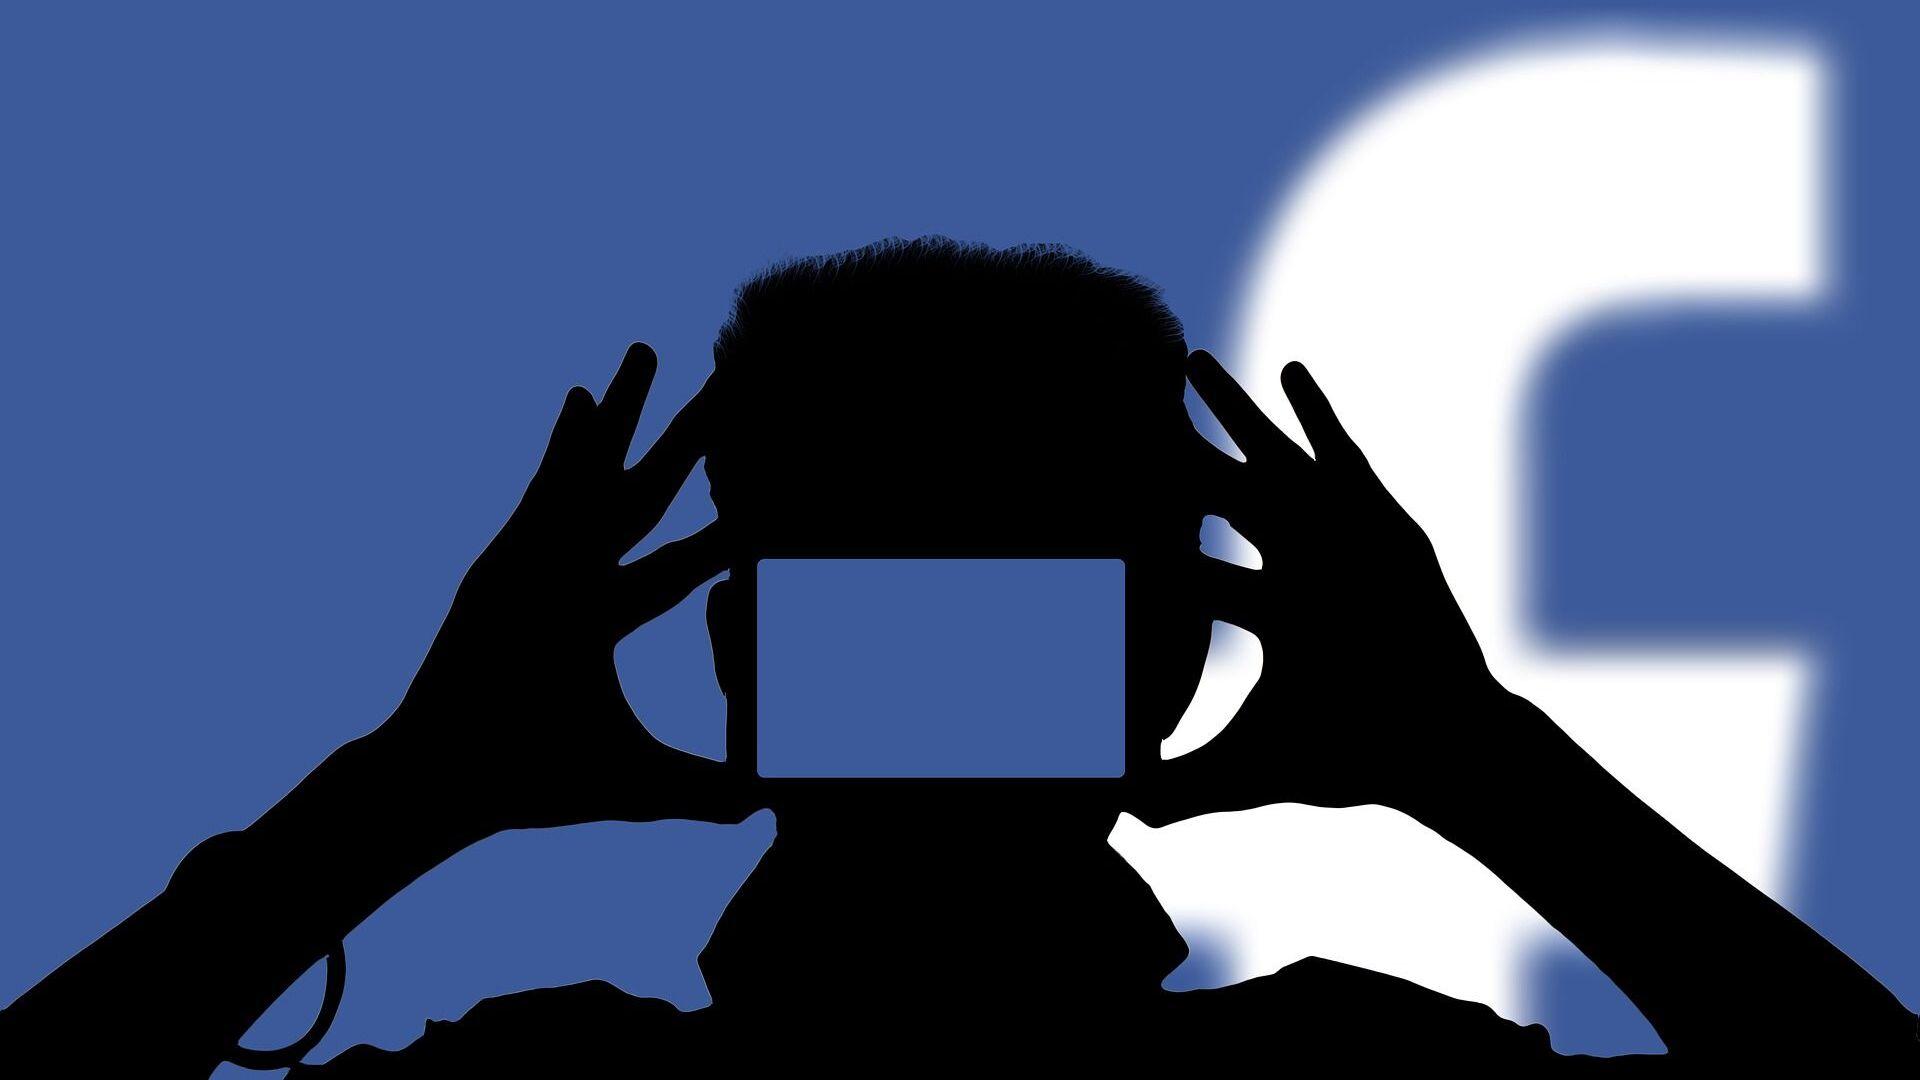 Una persona con un teléfono móvil con el logo de Facebook de fondo - Sputnik Mundo, 1920, 18.02.2021